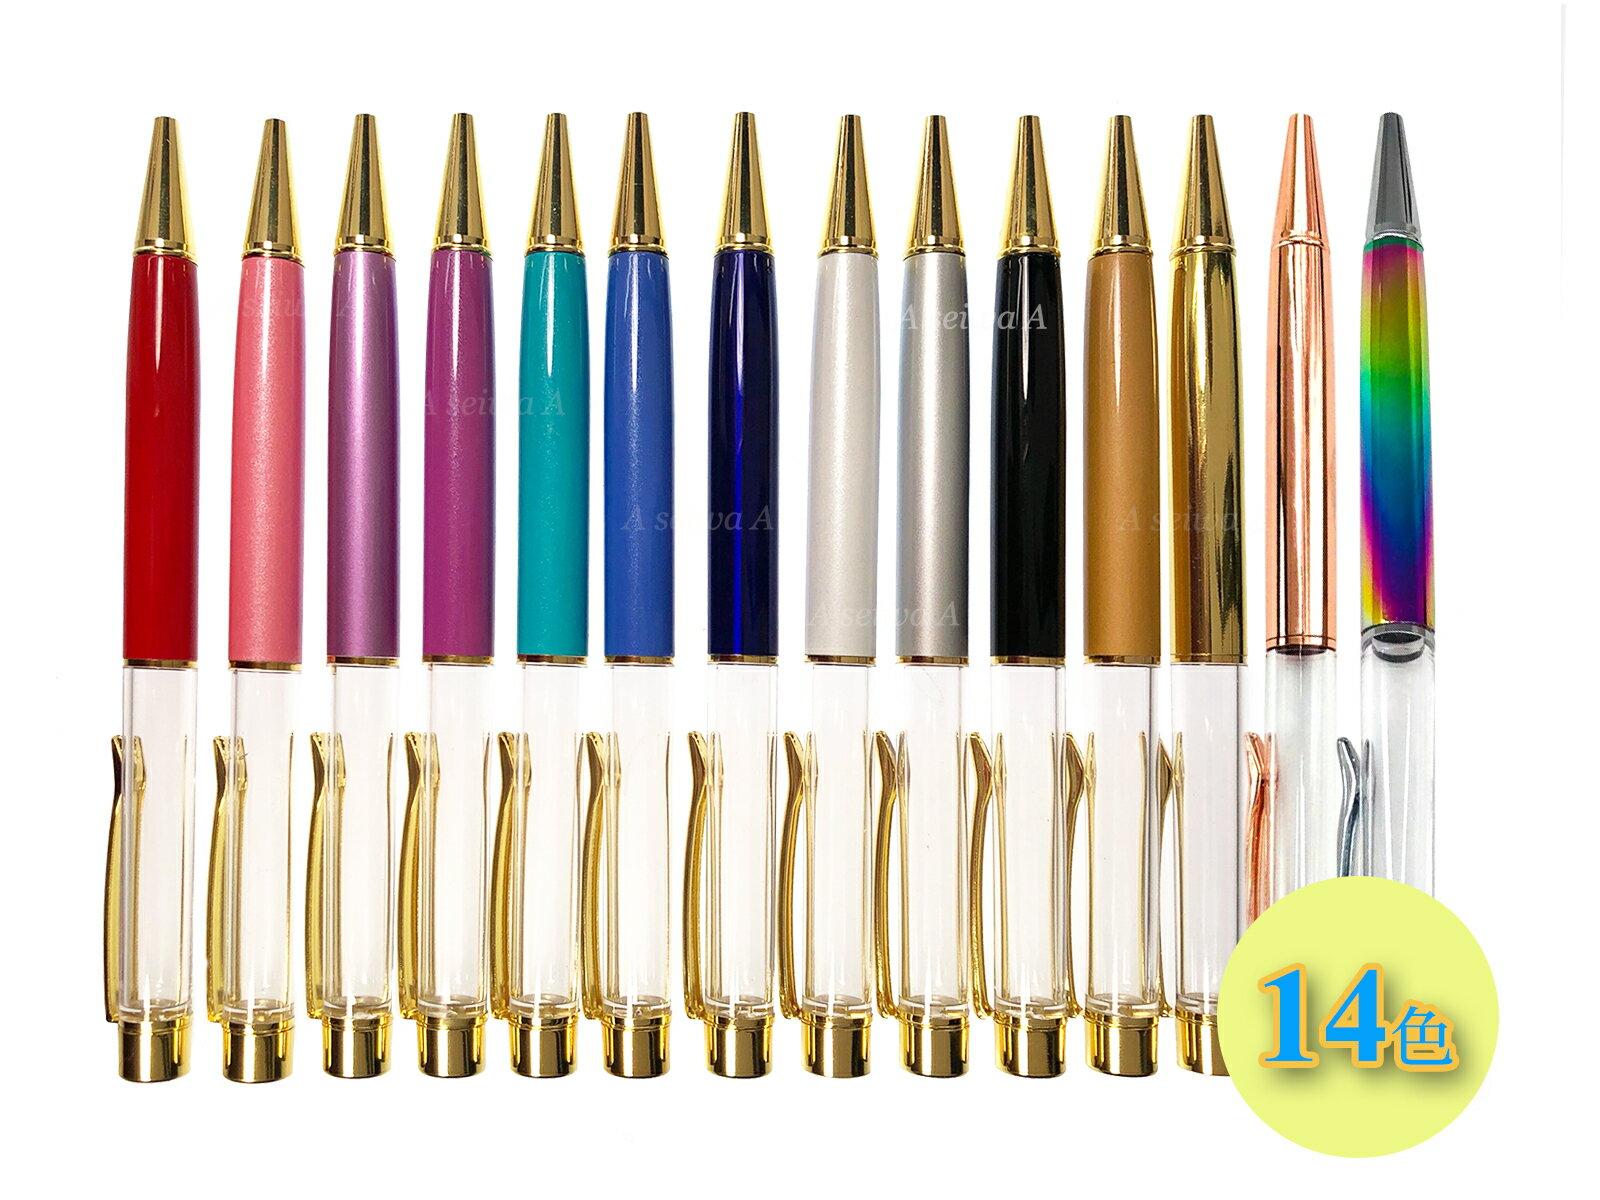 ハーバリウム ボールペン 本体 自作 手作り キット カスタマイズ オリジナル 14本セット(A0933-A0944+A01035-A01036)